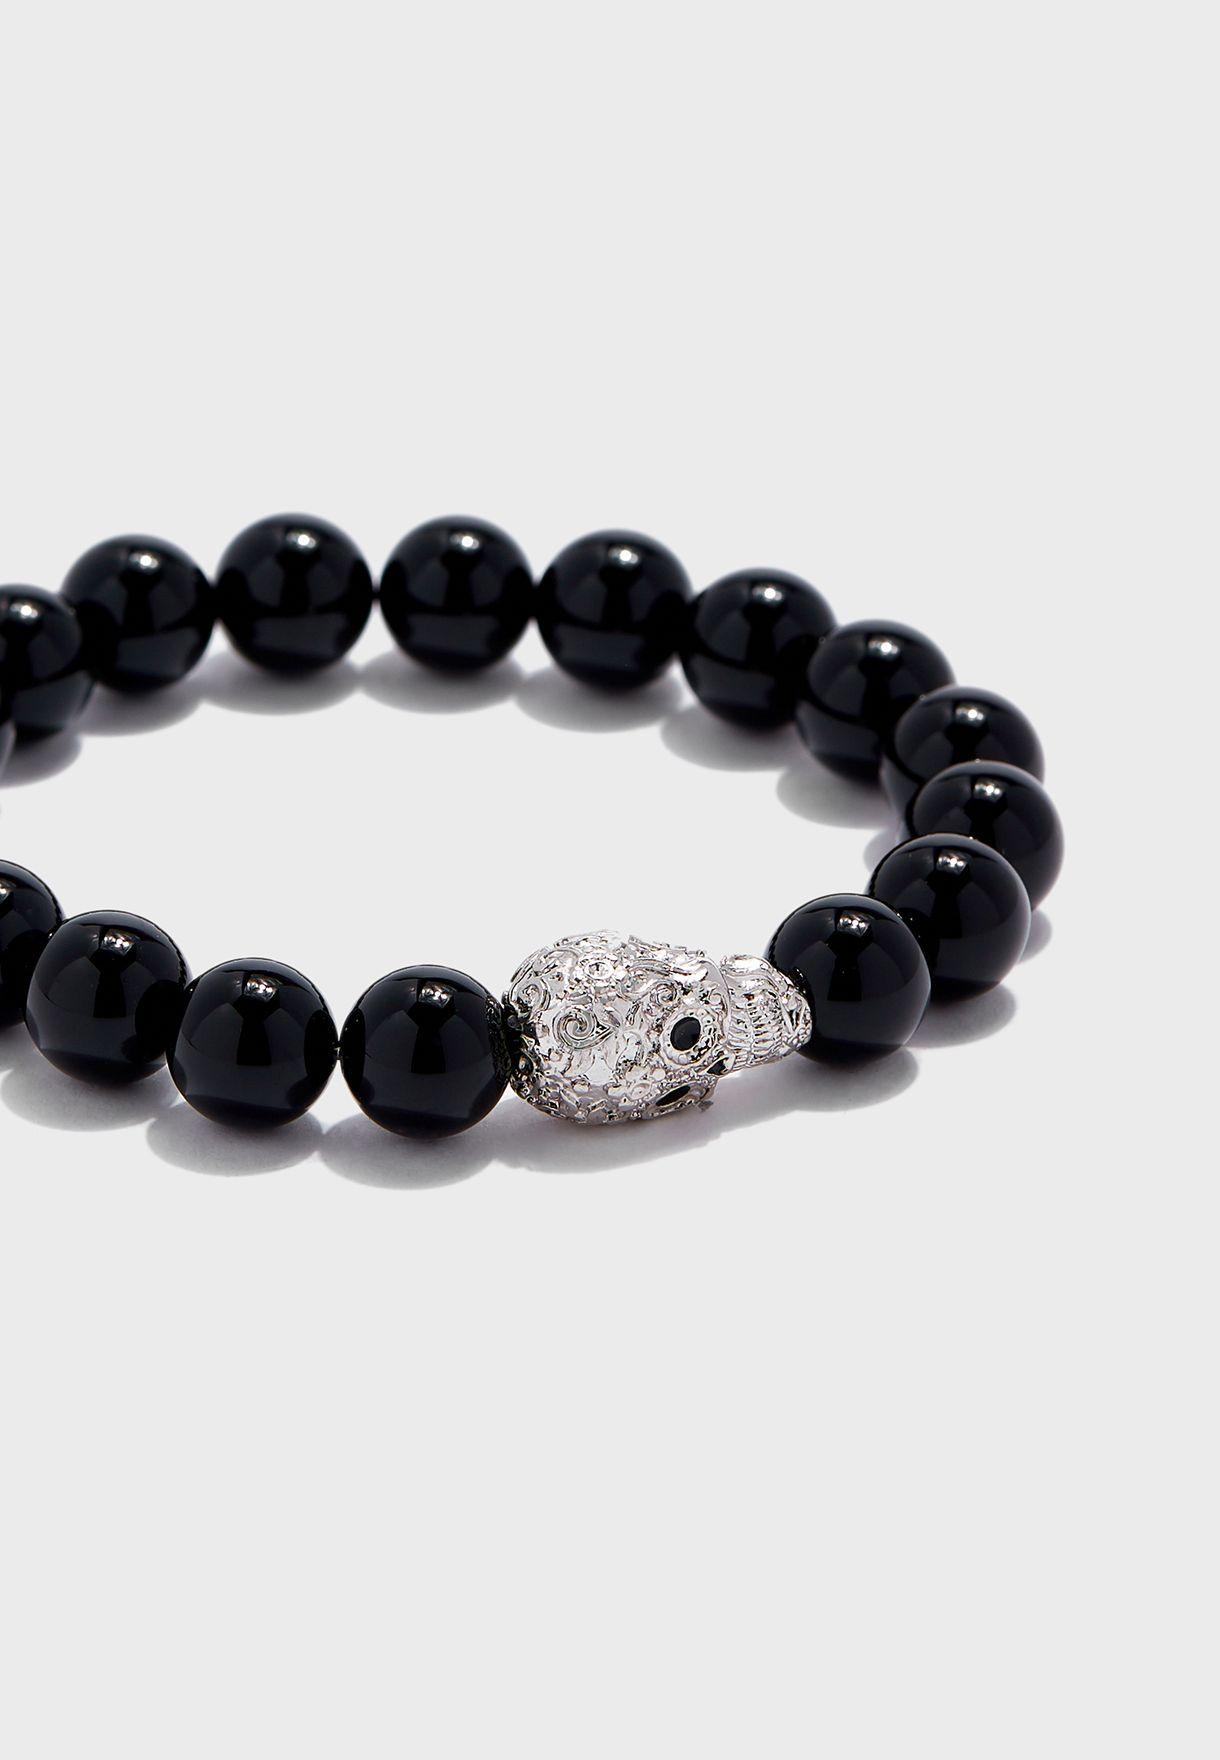 Calavera Skull Bracelet